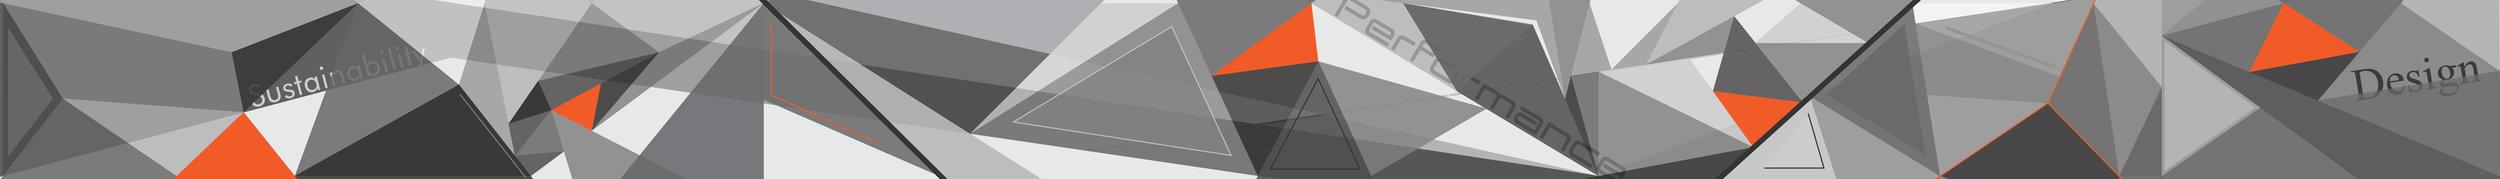 Wall Design 5.1_Final_small-01-01.jpg